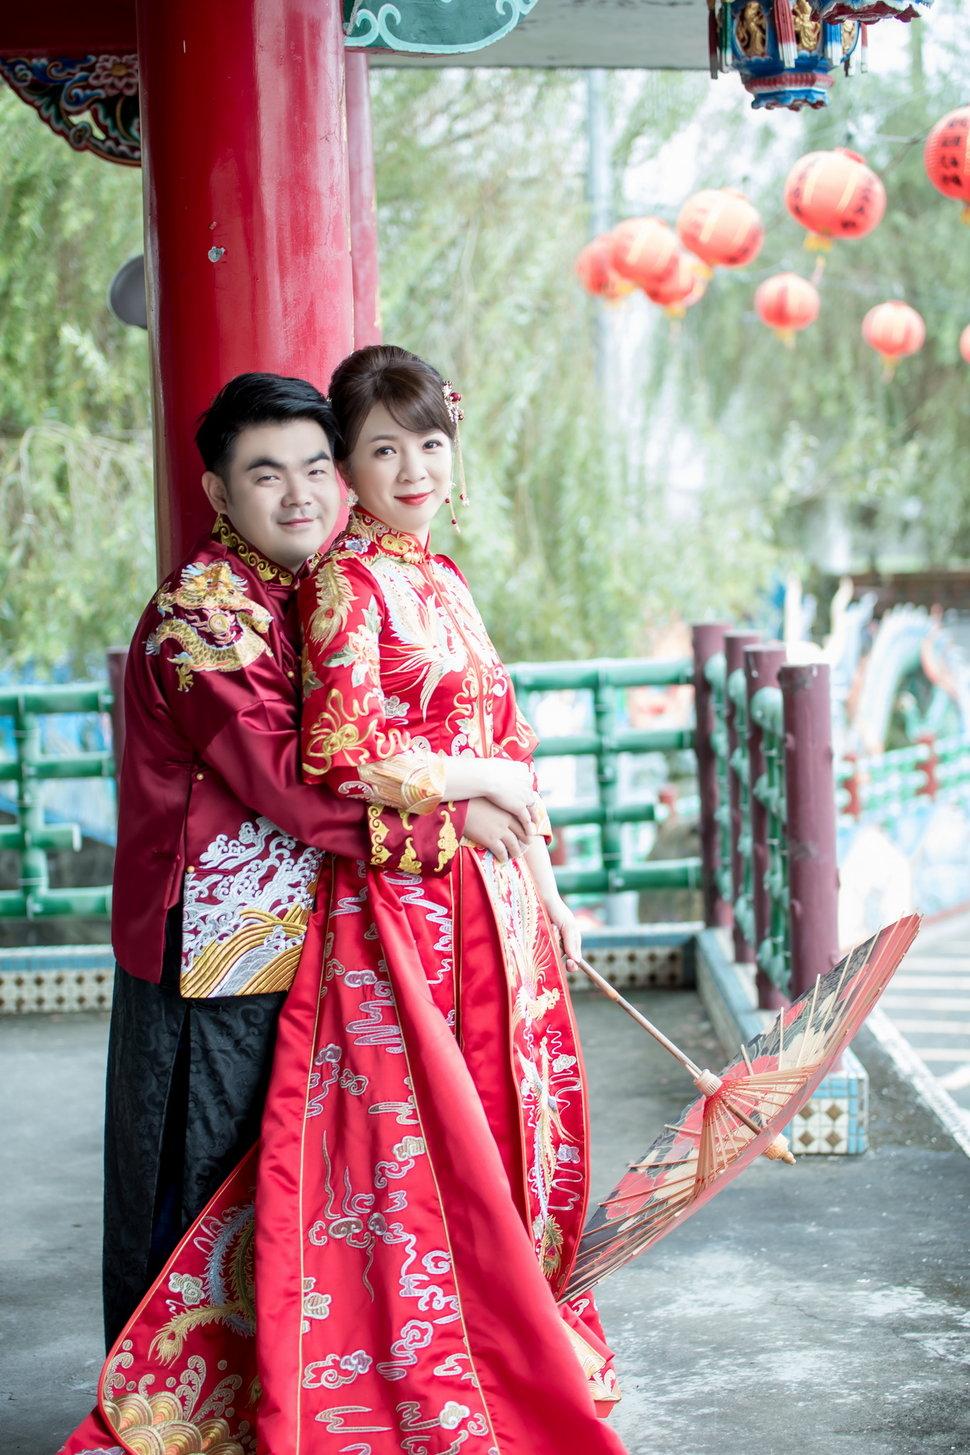 DSC_0056 - Daco  攝影工作室 - 結婚吧